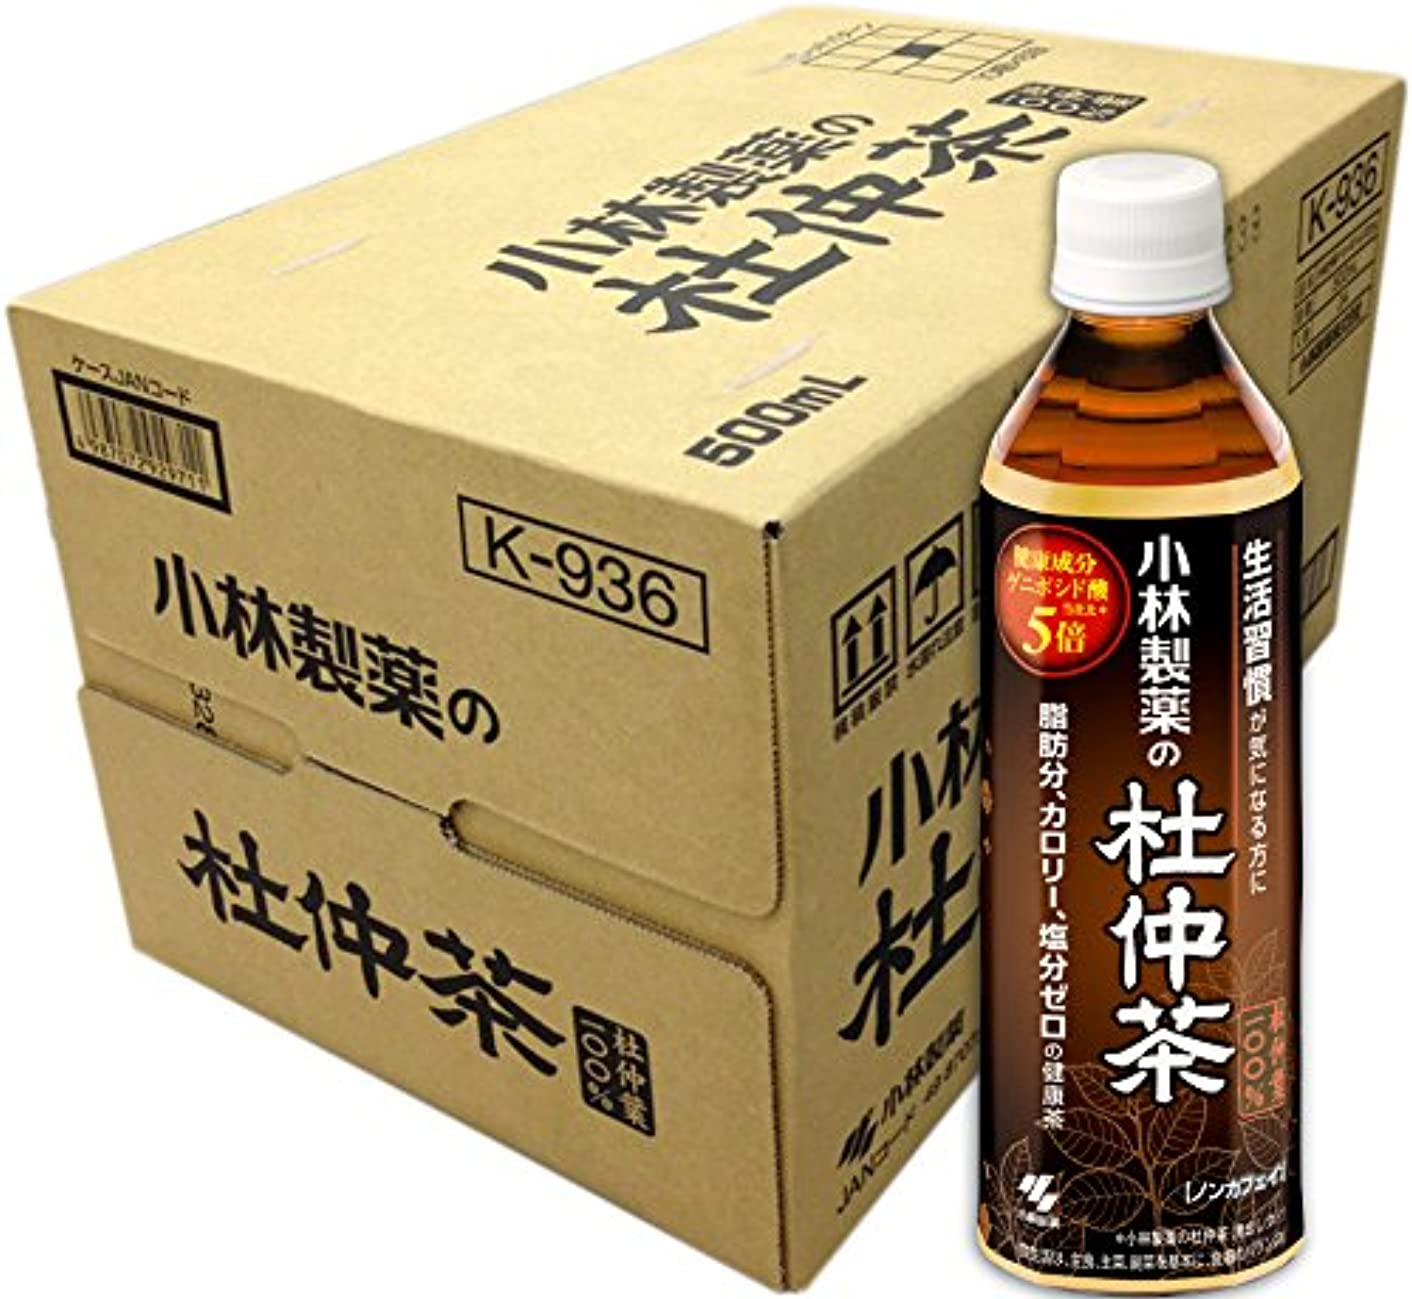 喜劇余暇ギャラリー【ケース販売】 小林製薬の杜仲茶 (ペットボトル) 500mL×24本